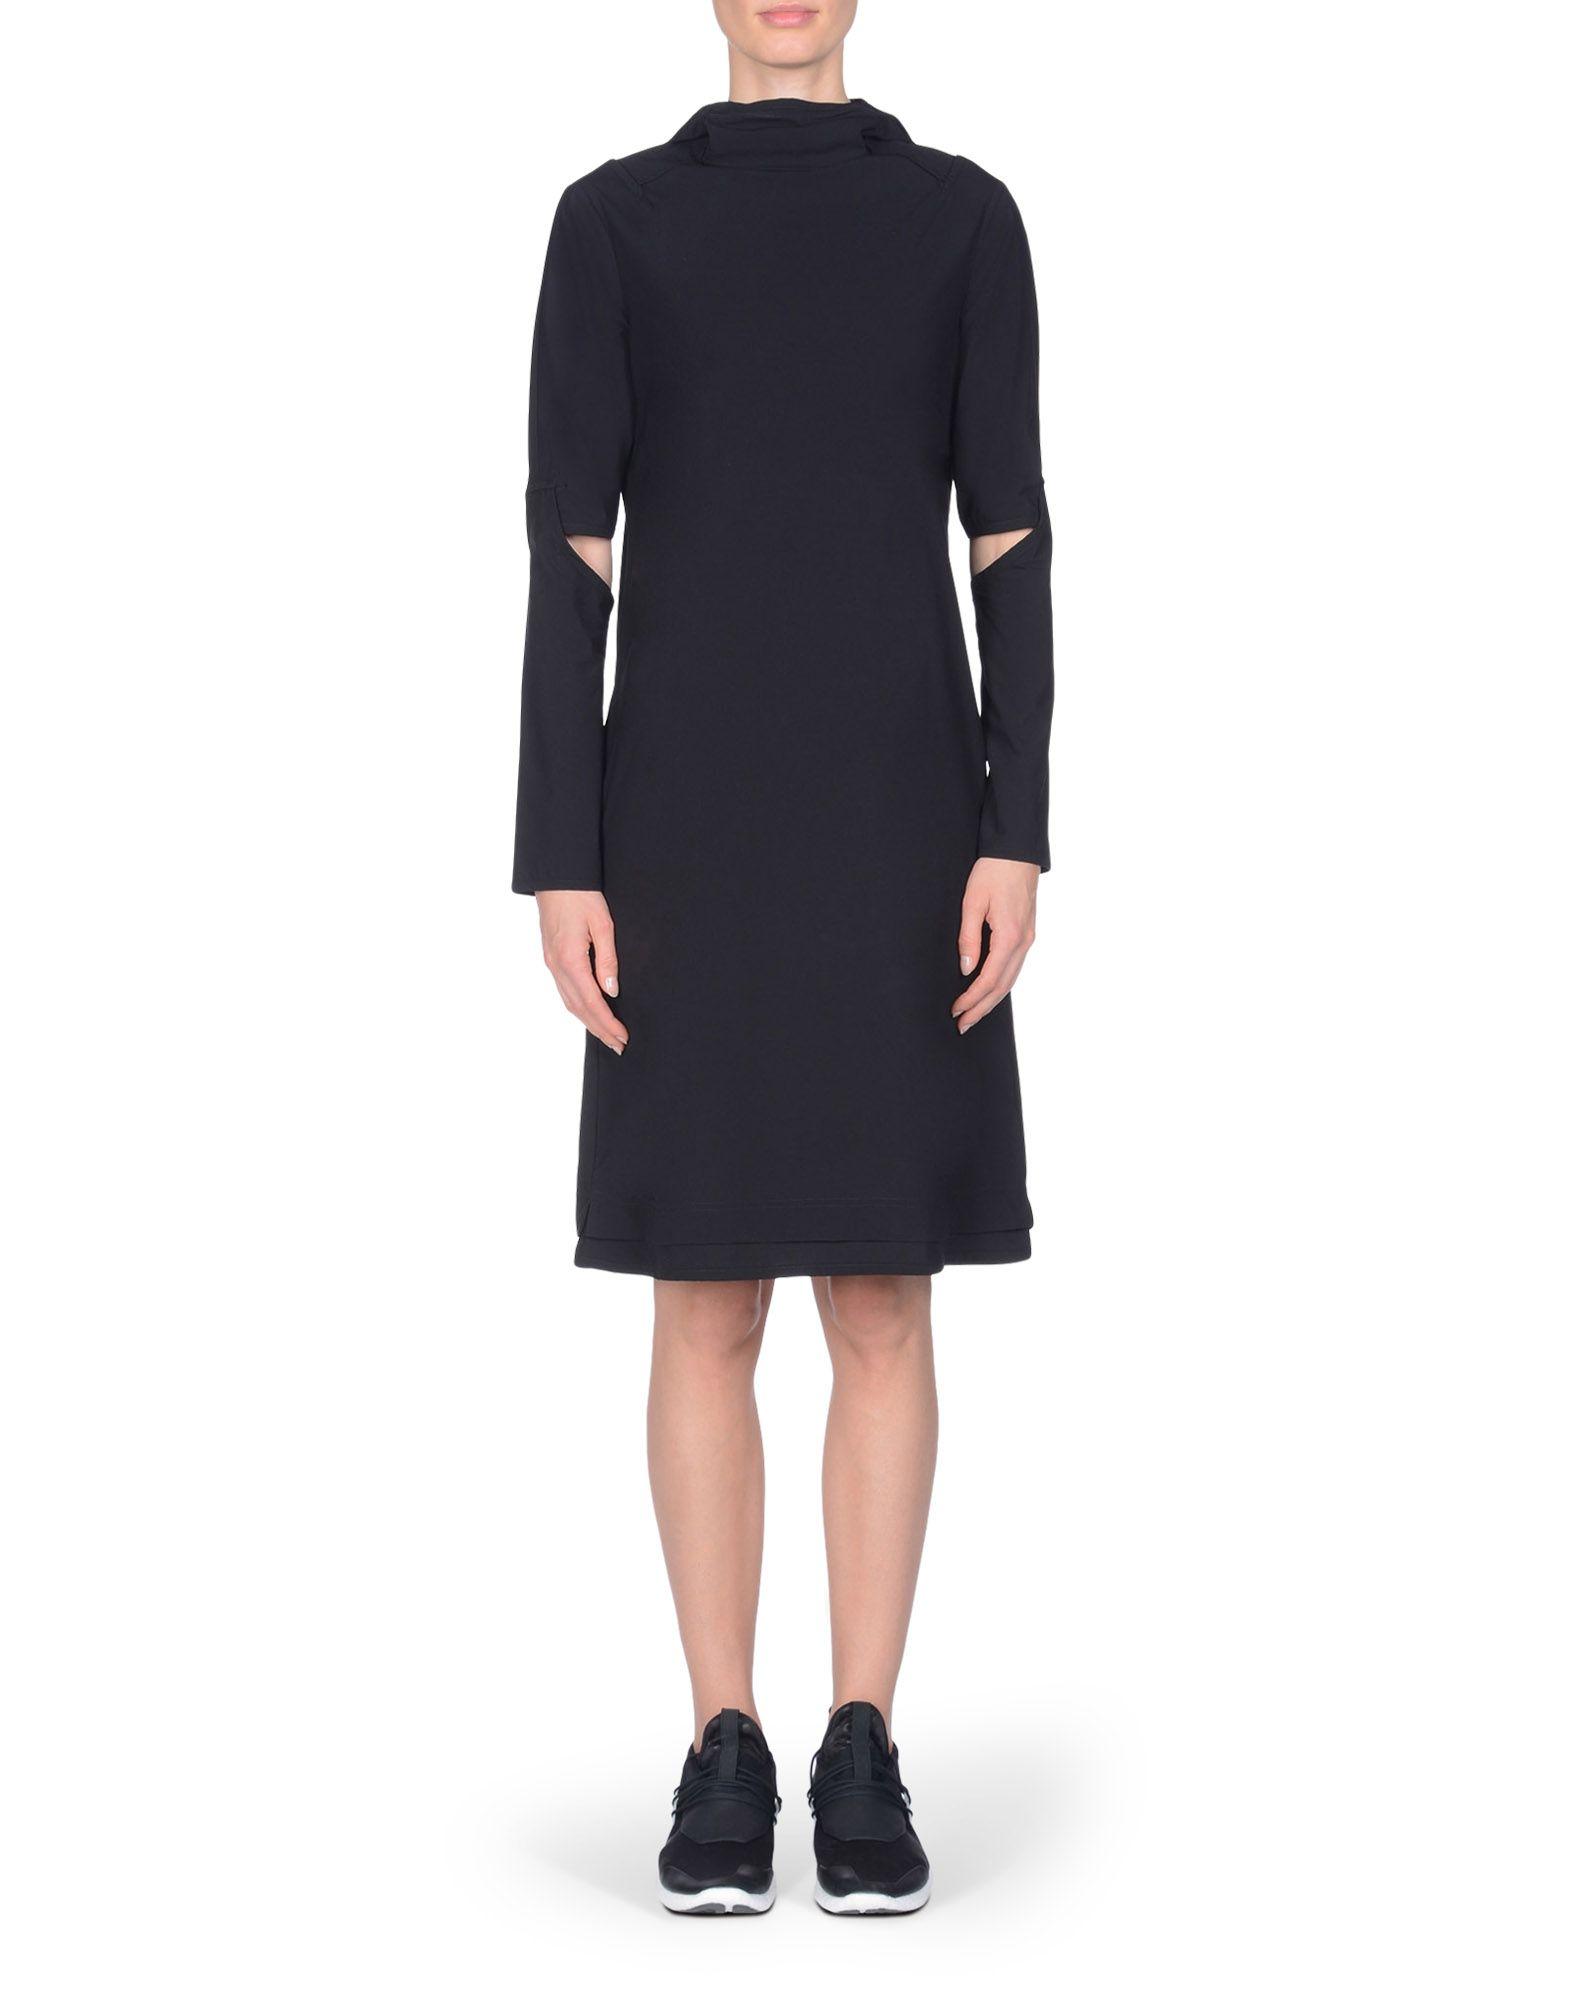 Y-3 LIGHT STRETCH DRESS DRESSES & SKIRTS woman Y-3 adidas